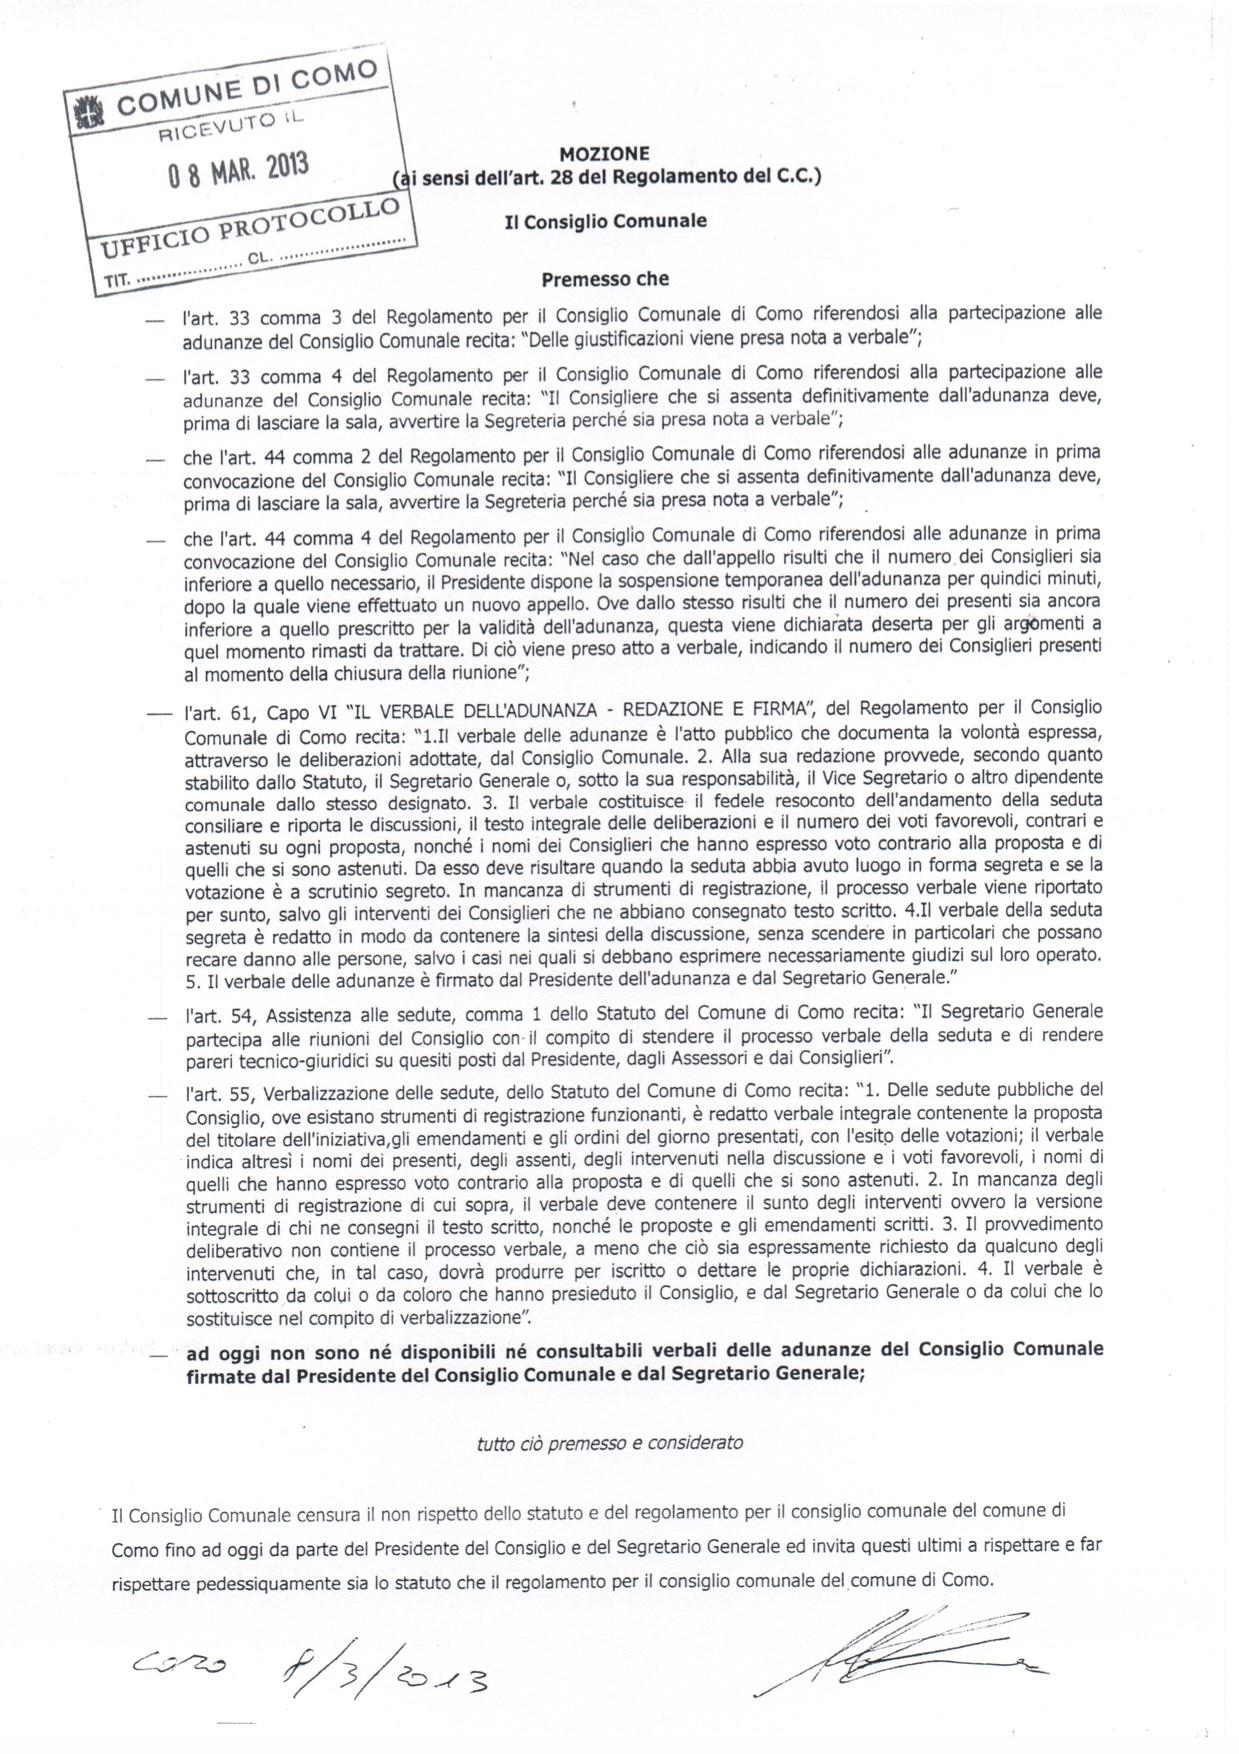 20130308-mozione-verbali-mancanti-e-censura-al-presidente-del-consiglio-e-al-segretario-generale